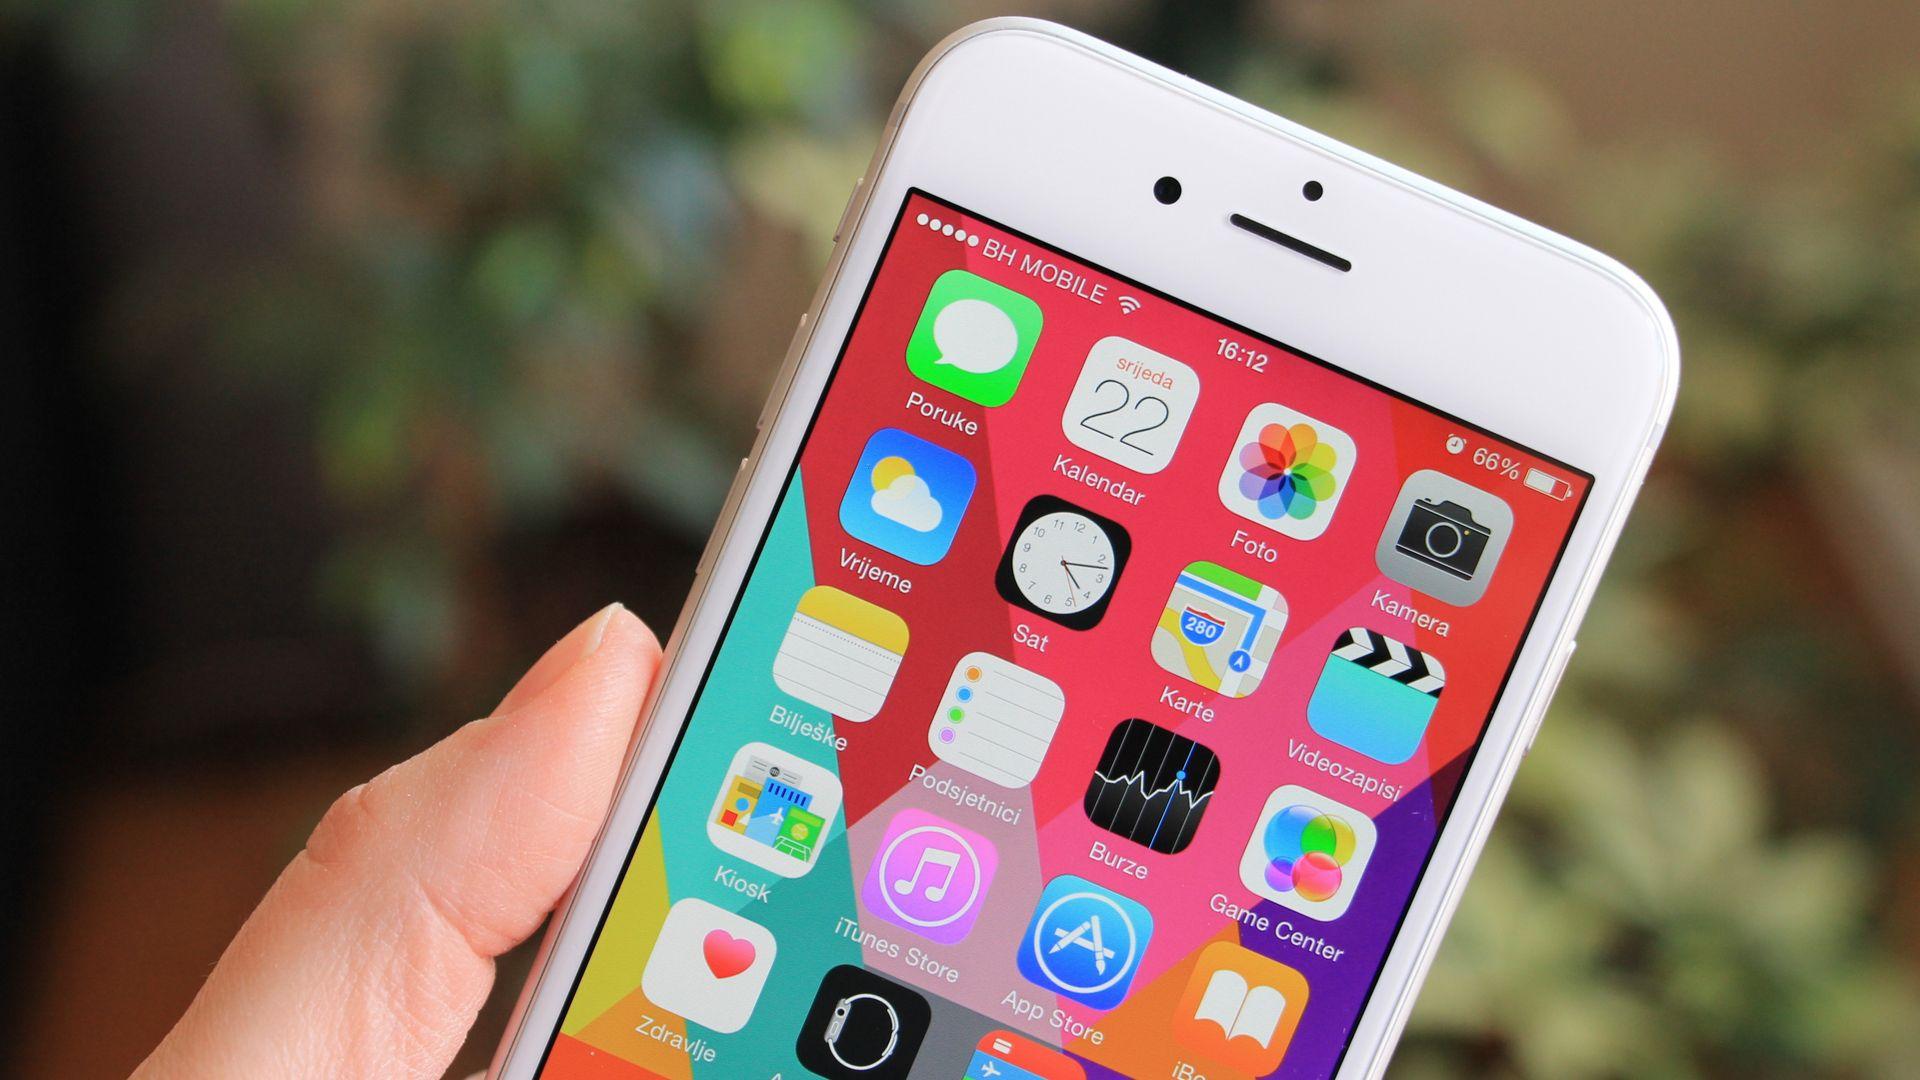 Tela do iPhone 6 tem 4,7 polegadas. (Imagem: Ellica/Shutterstock)